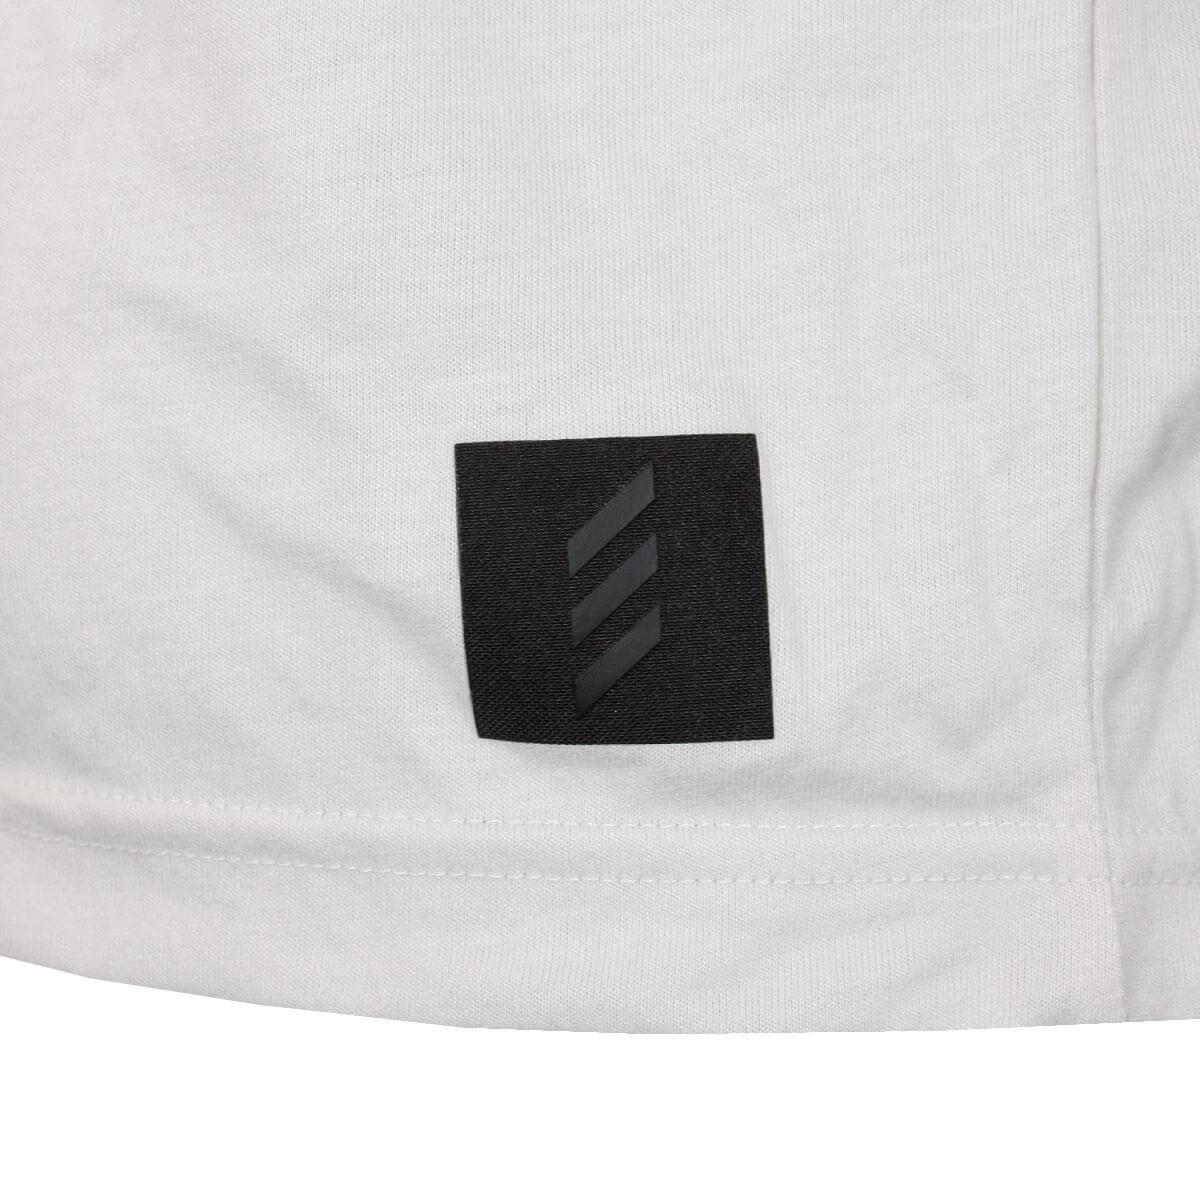 e3094113b82d7 Details about Adidas Golf Men's Adicross Big Logo Tee T-Shirt